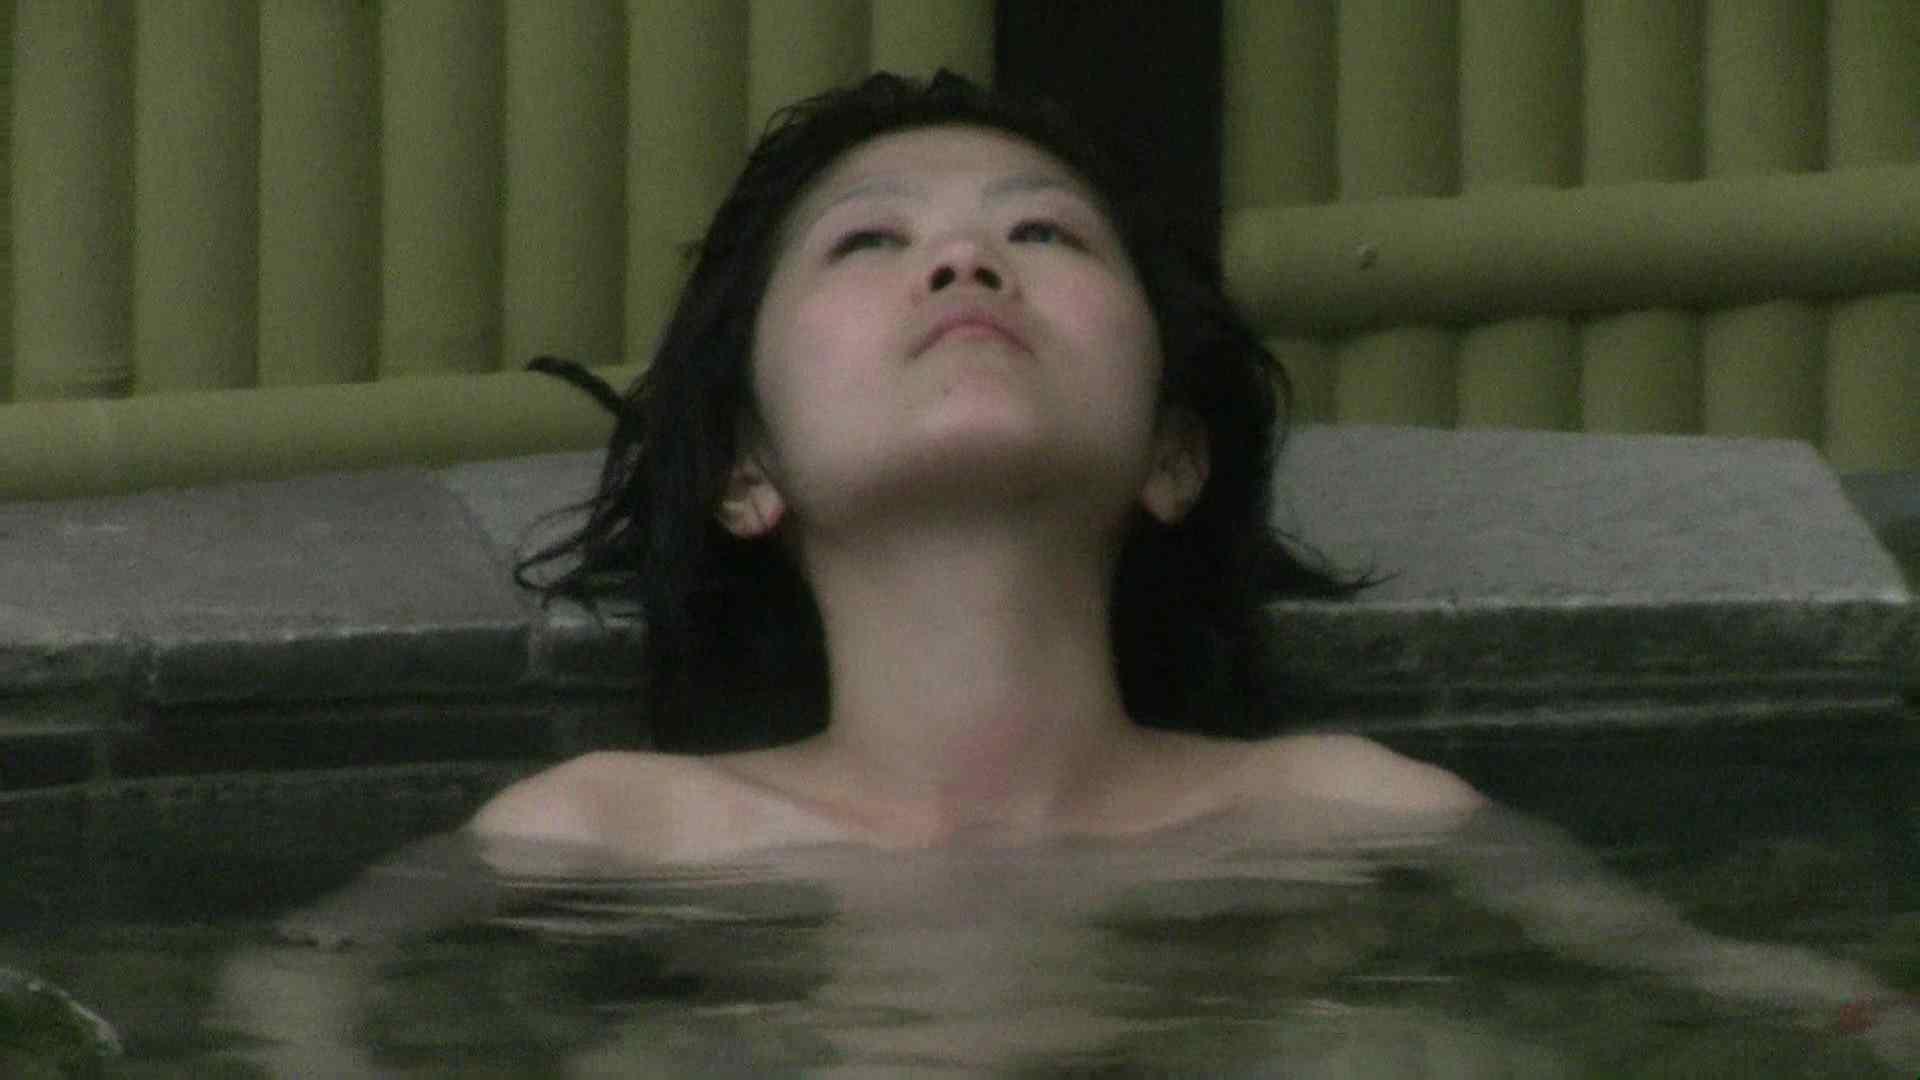 Aquaな露天風呂Vol.538 OLのエロ生活   盗撮  90連発 13